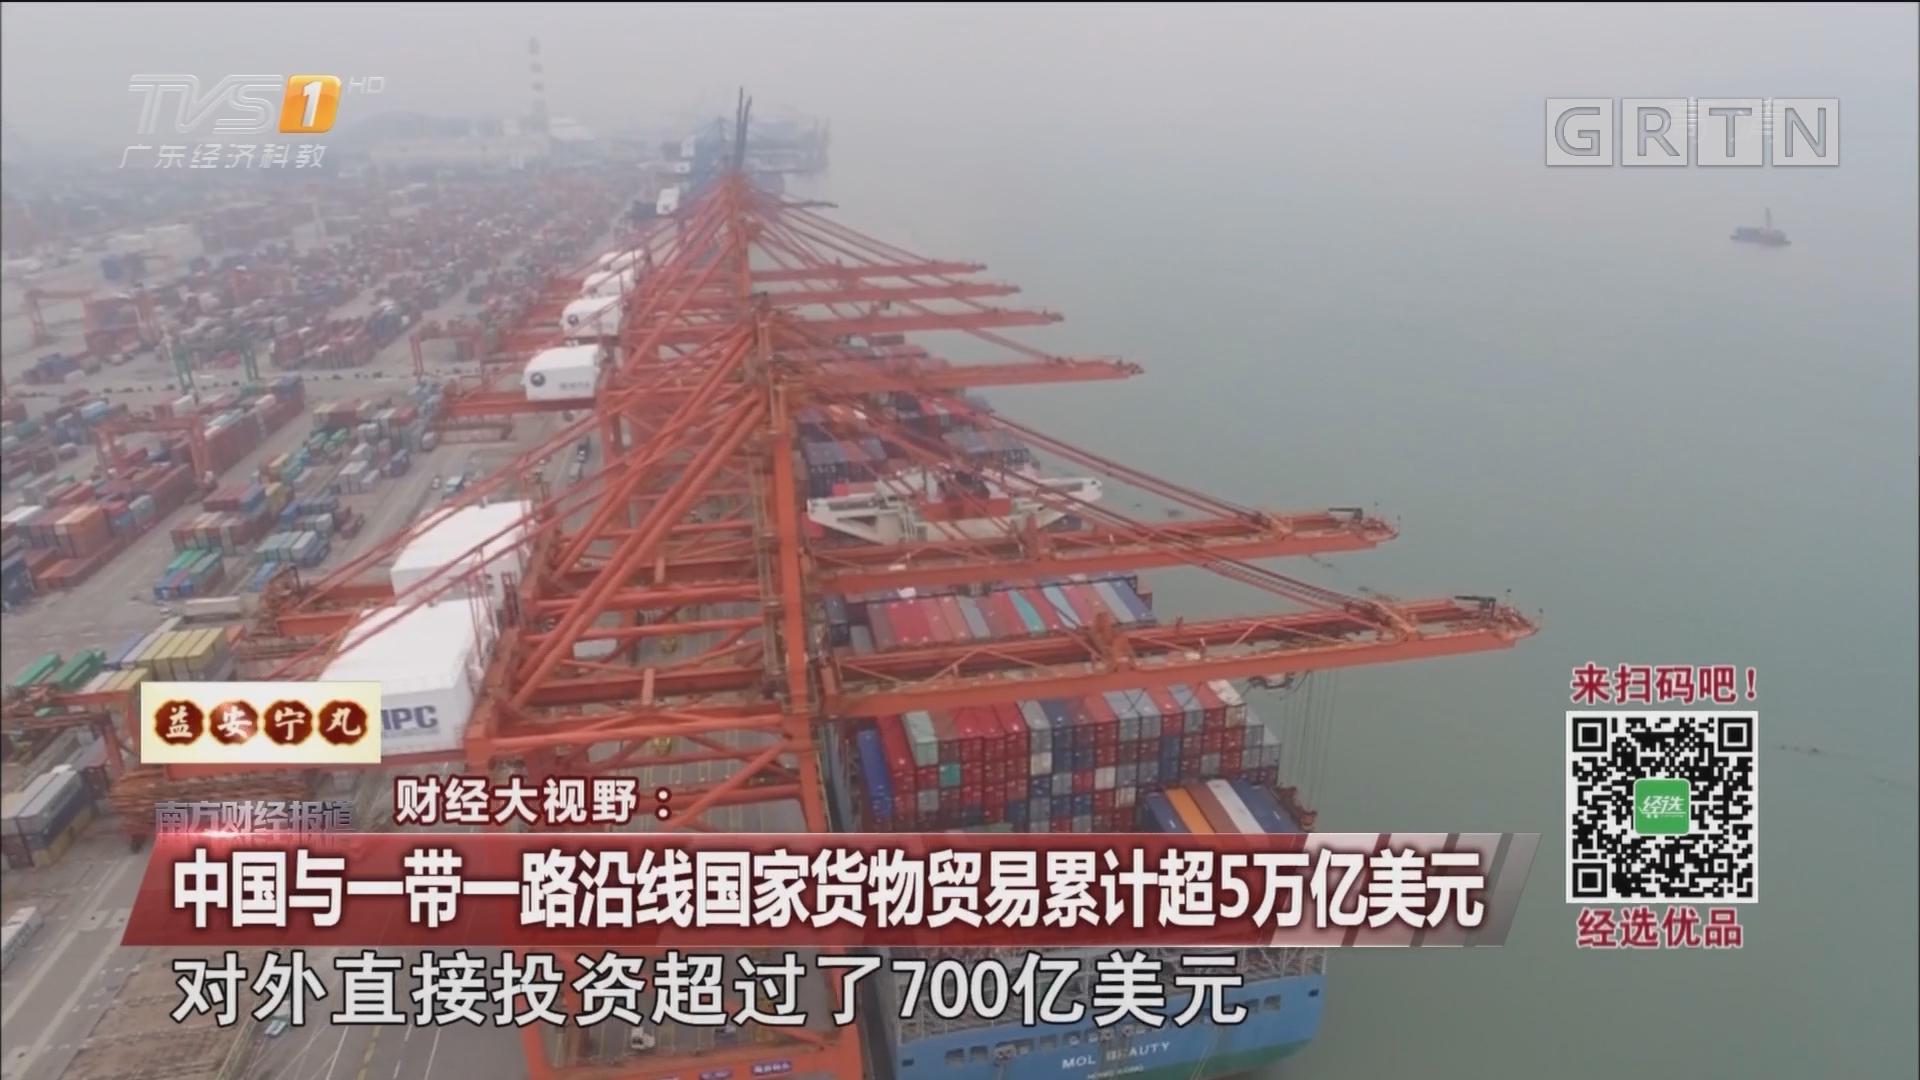 财经大视野:中国与一带一路沿线国家货物贸易累计超5万亿美元